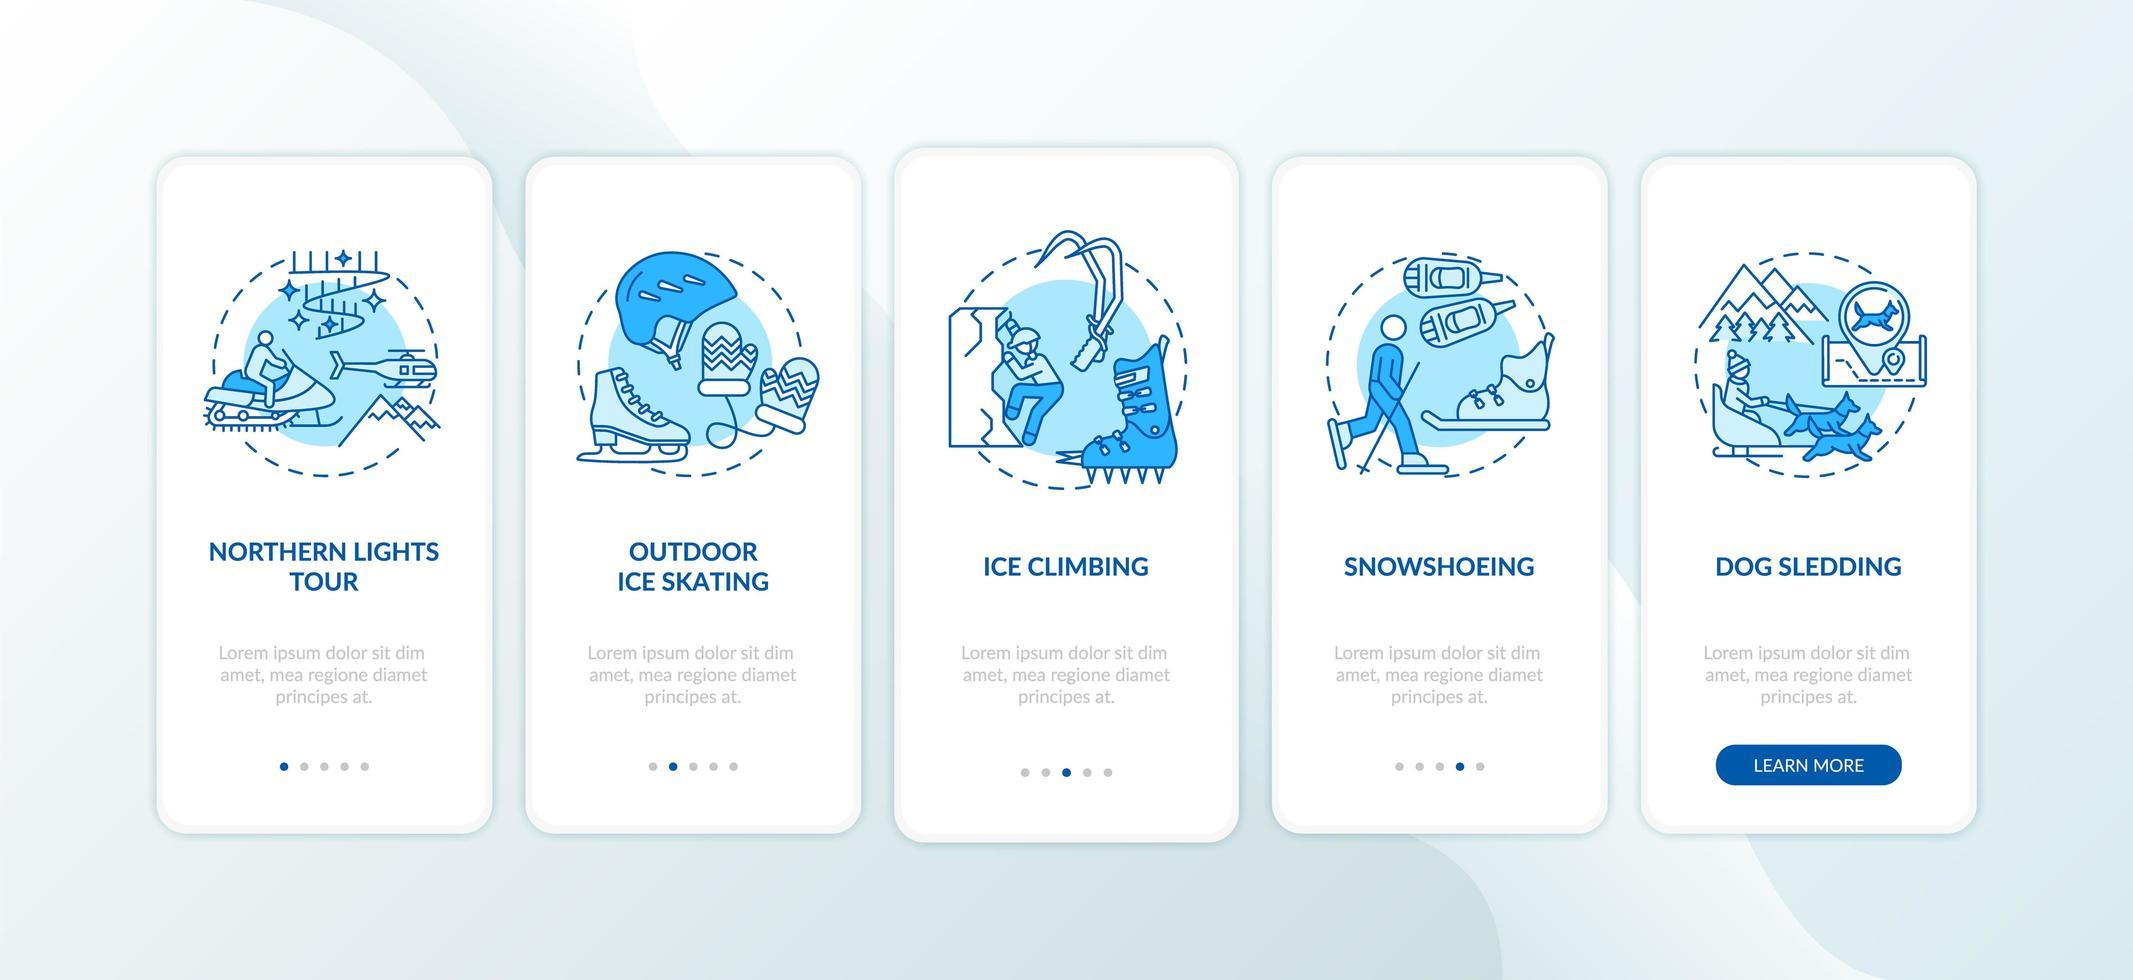 Winter Outdoor-Aktivitäten Onboarding Mobile App Seite Bildschirm mit Konzepten vektor